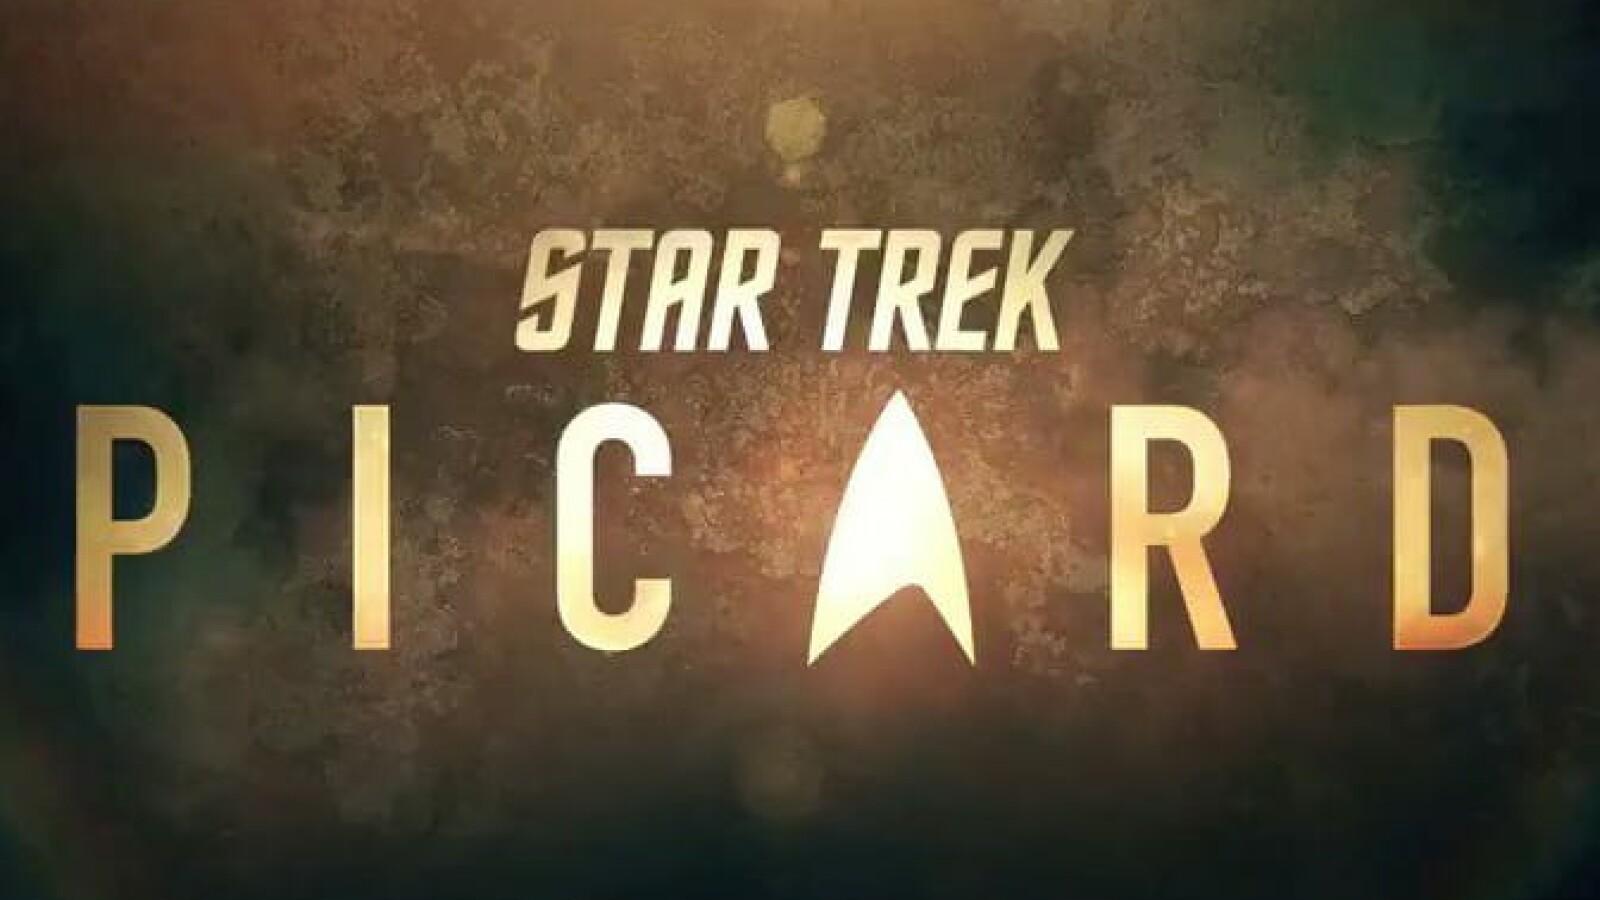 Star Trek Picard: Erster Trailer zeigt gealterten Patrick Stewart